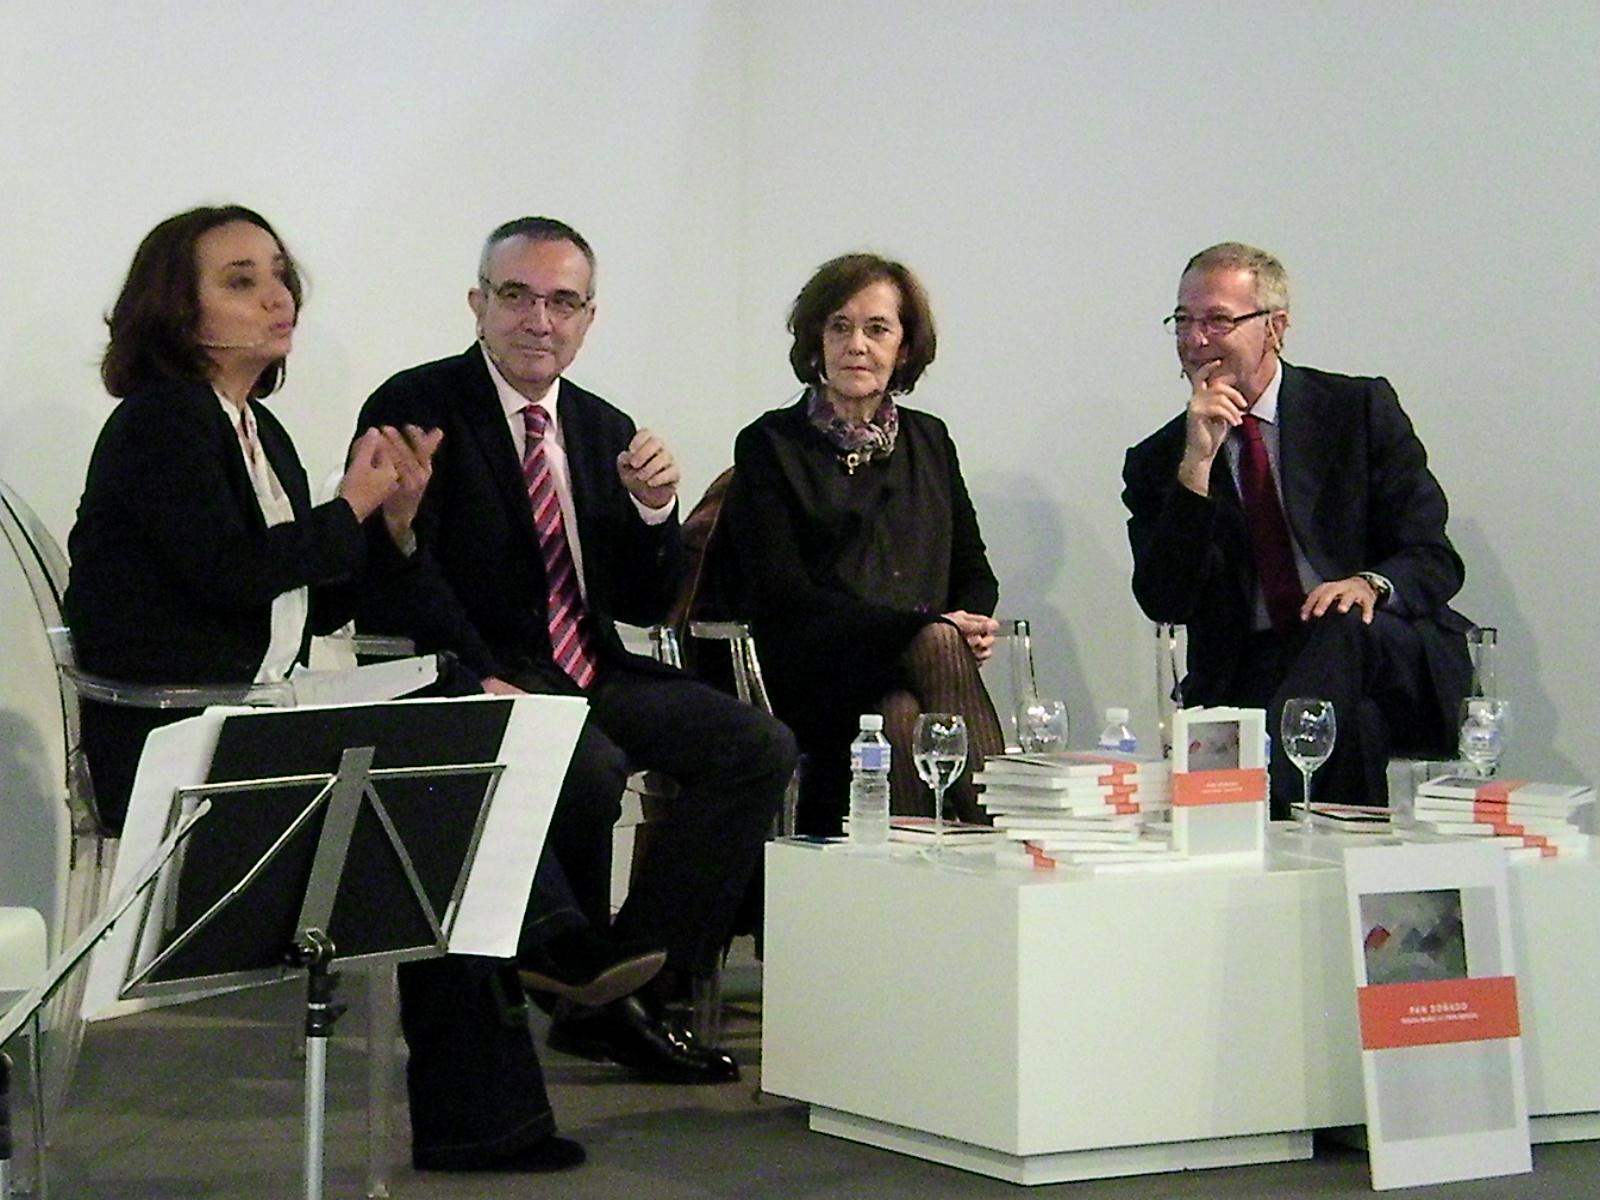 De izq a dcha: Pepa Bueno, Pepe Nevado, Teresa Muñiz y José Guirao